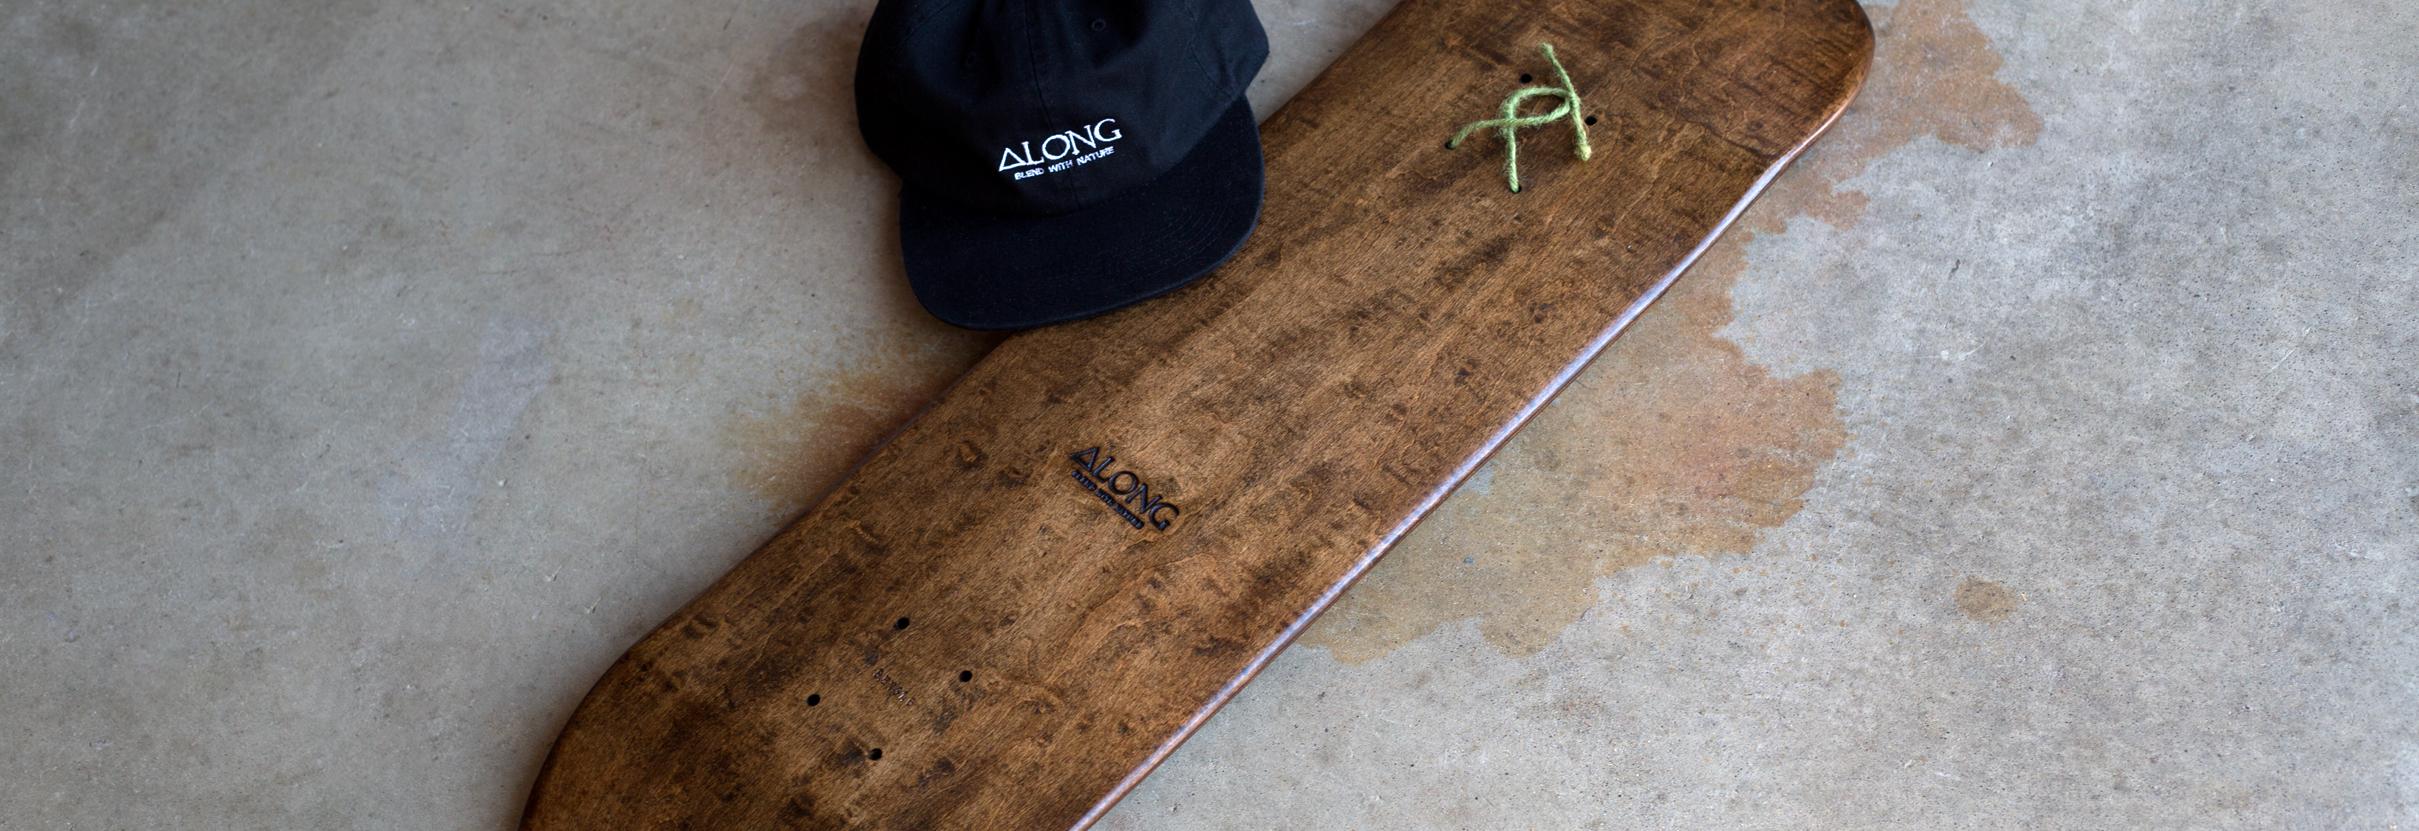 AlongSkateboards-Banner10.jpg